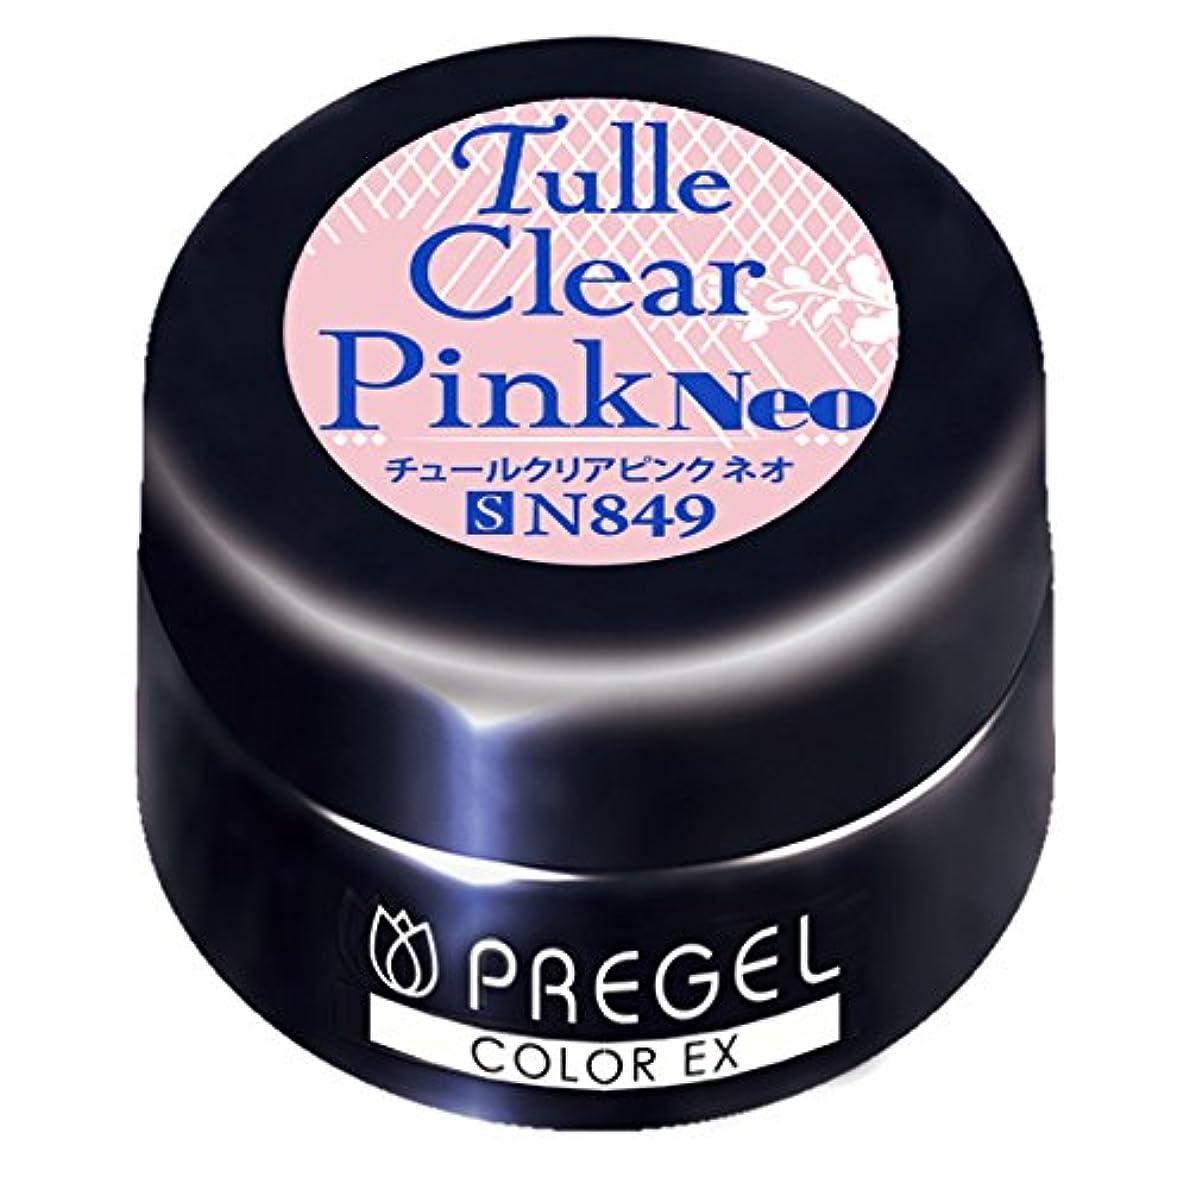 ツール芸術的投票PRE GEL カラーEX チュールクリアピンクneo849 3g UV/LED対応